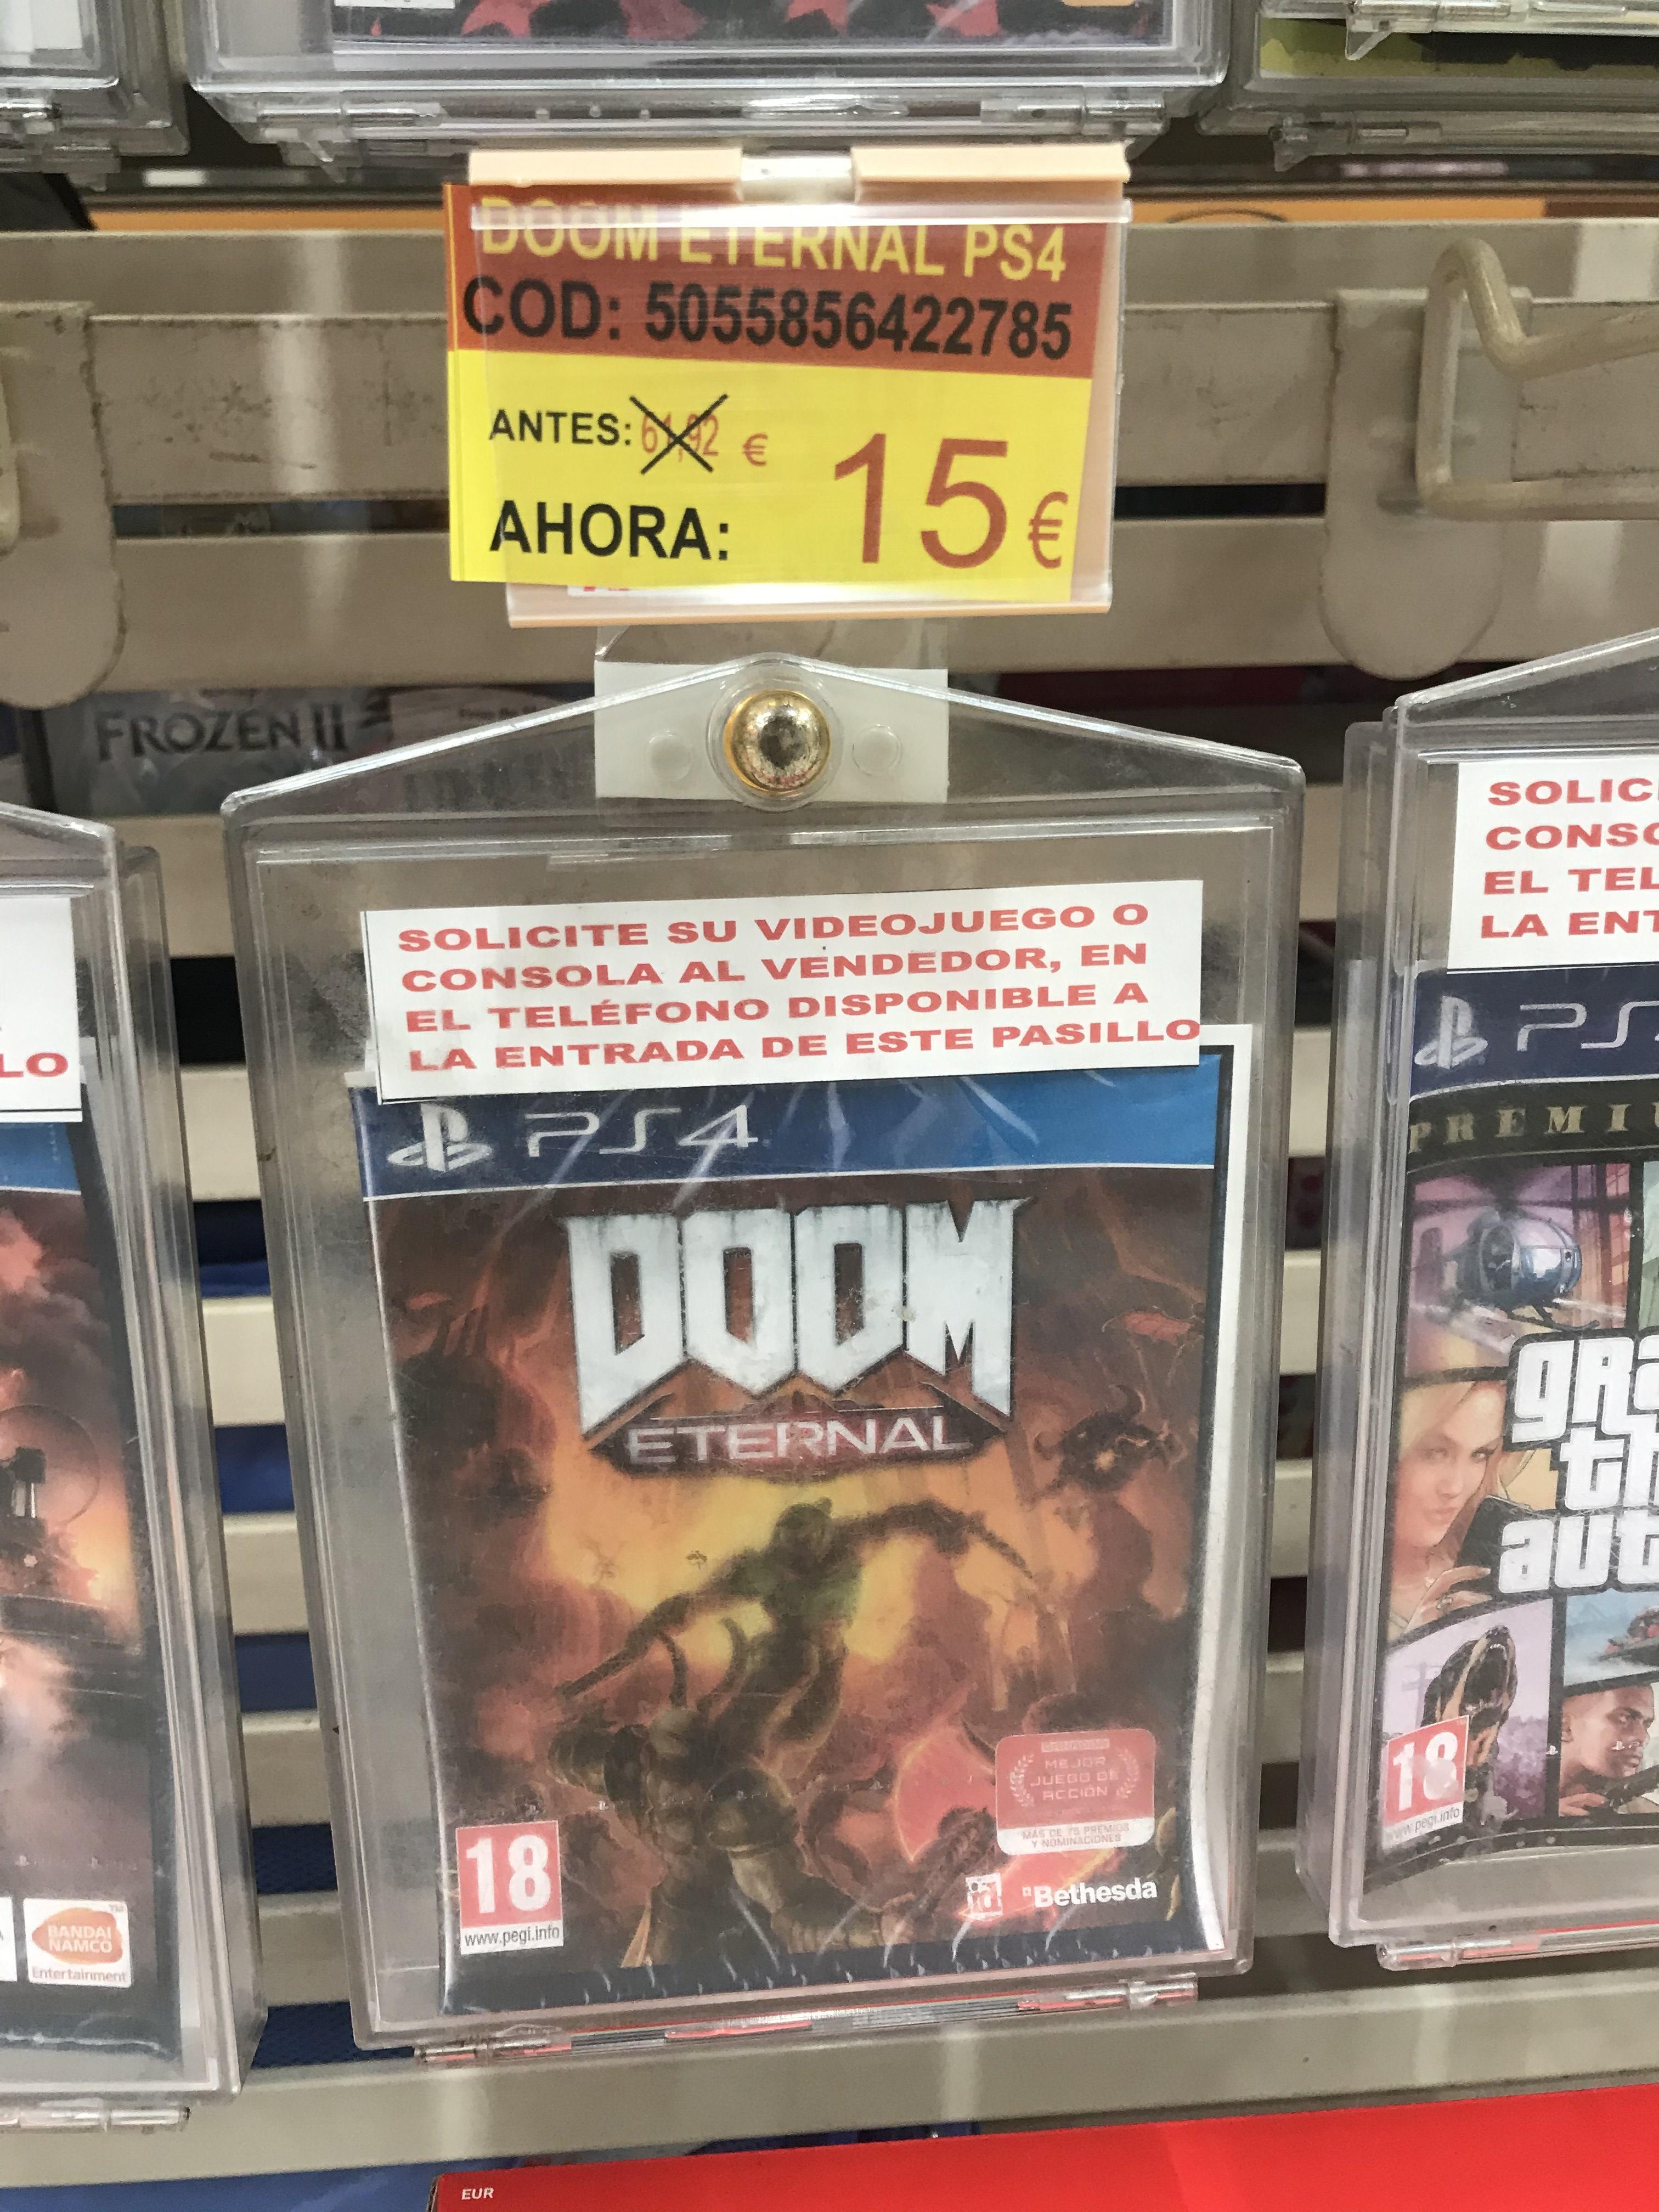 Doom eternal PS4 (Alcampo Leganes)